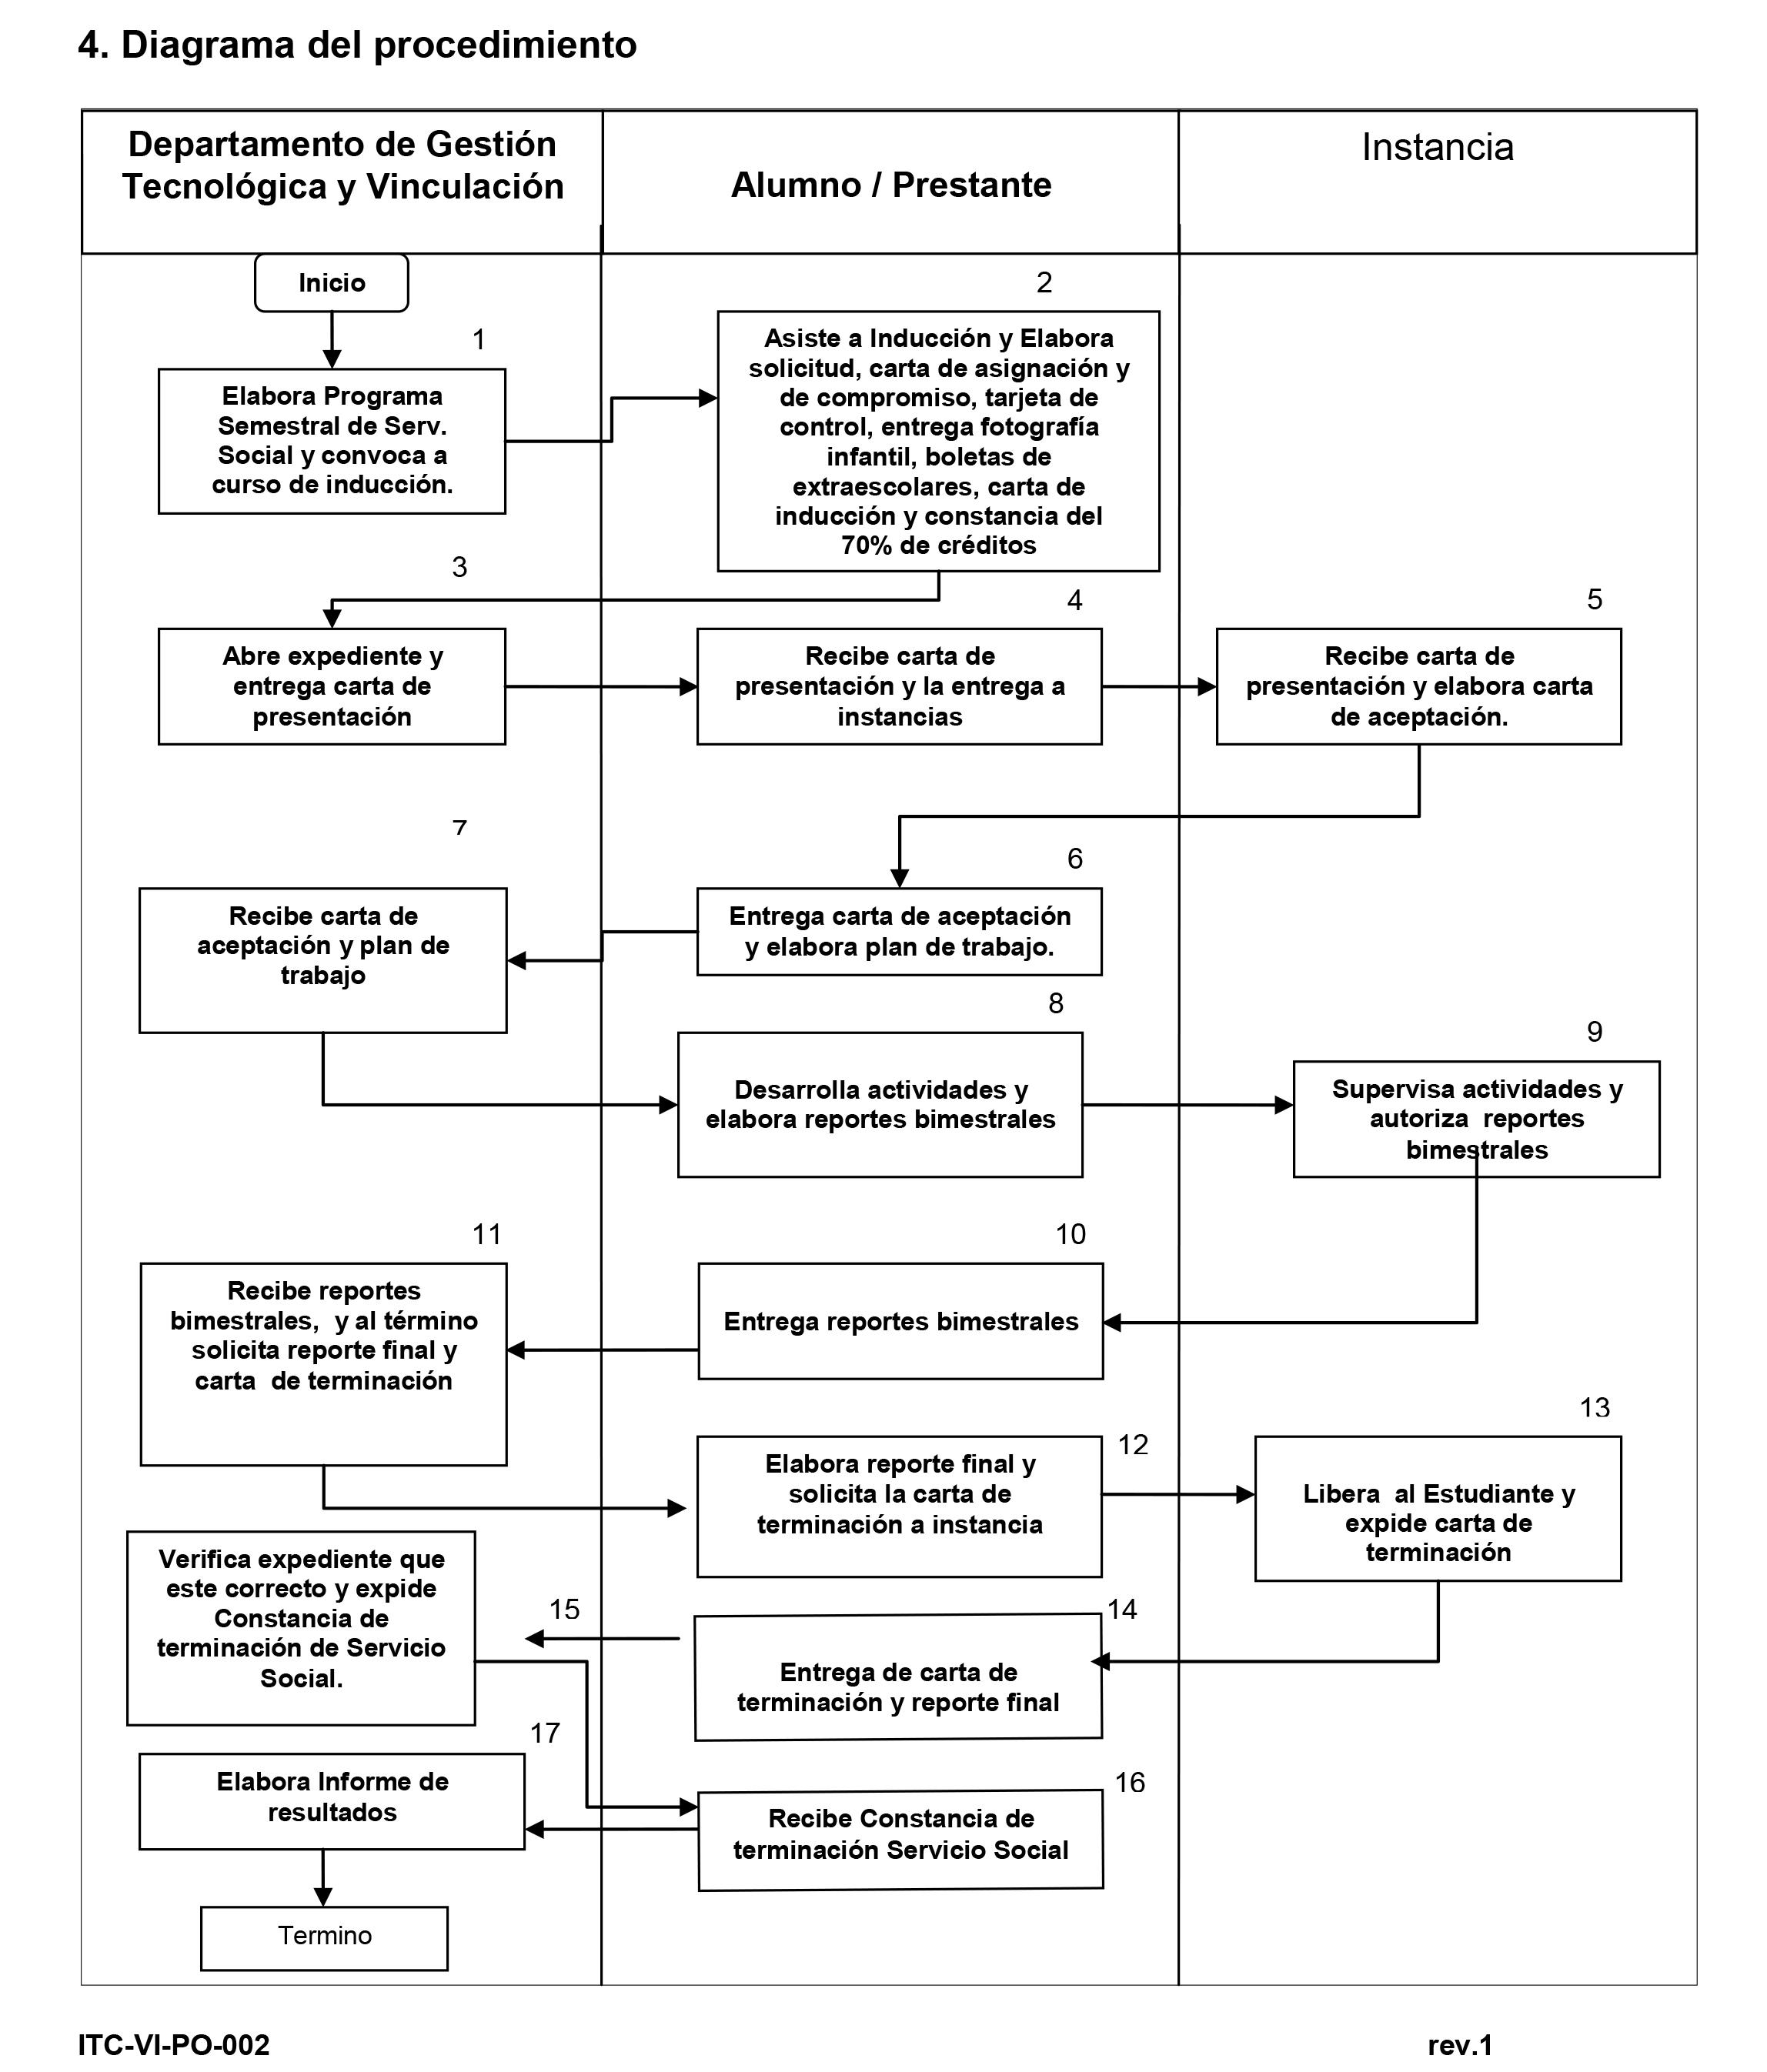 PROCEDIMIENTO-SERVICIO-SOCIAL-PLAN-VIEJO.jpg